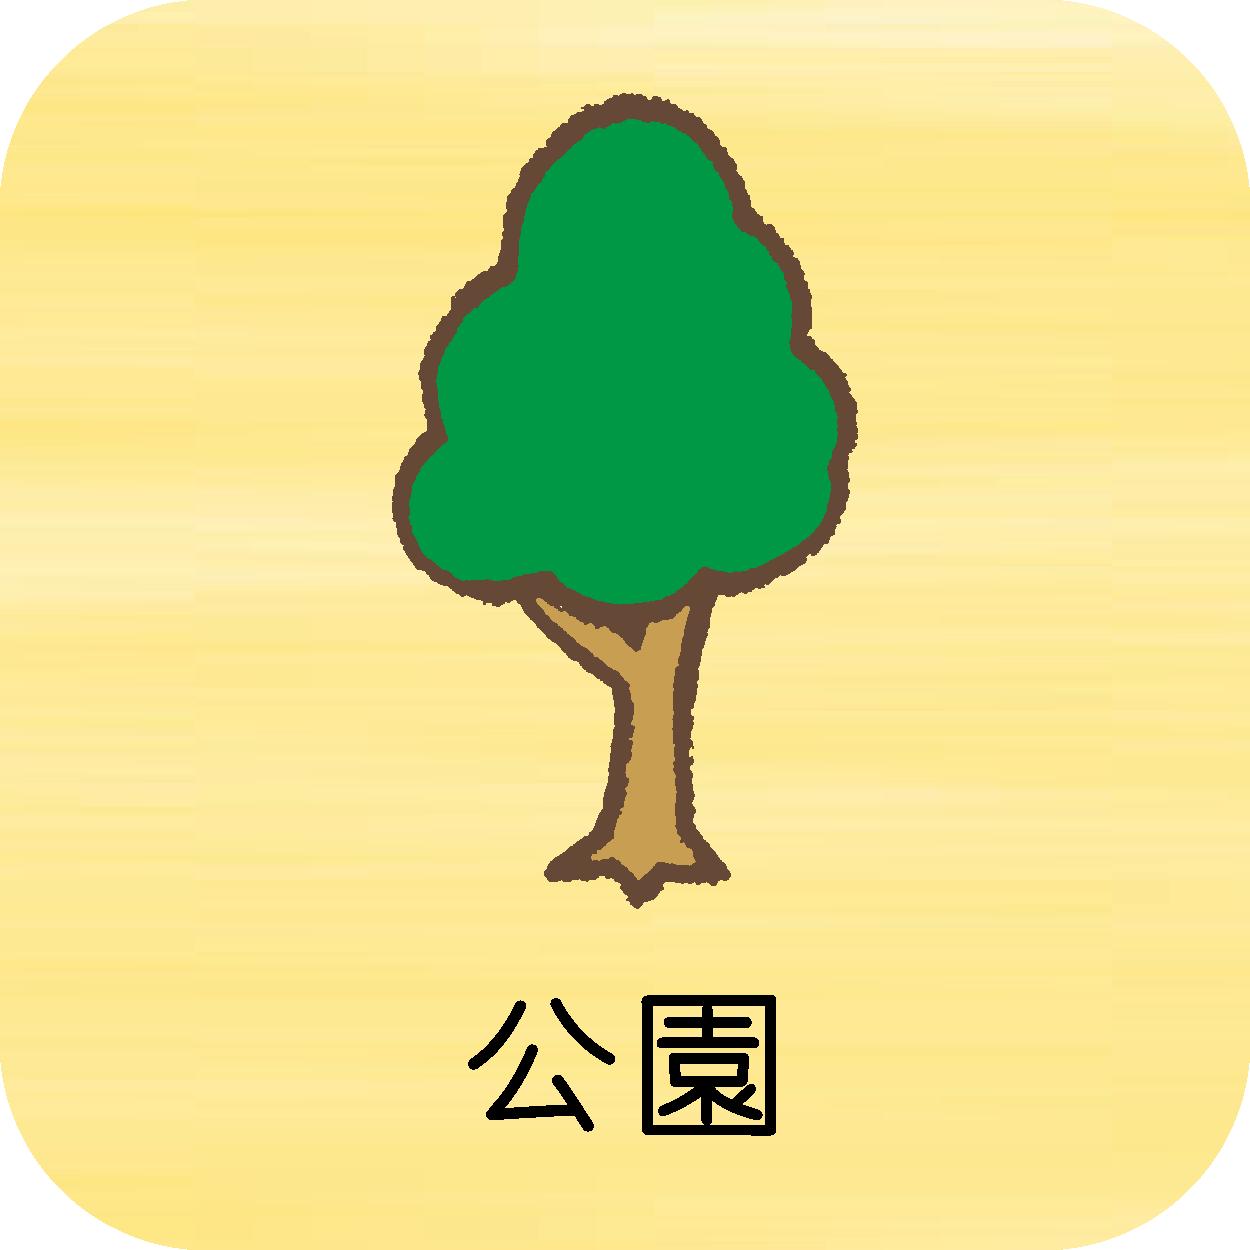 公園の情報